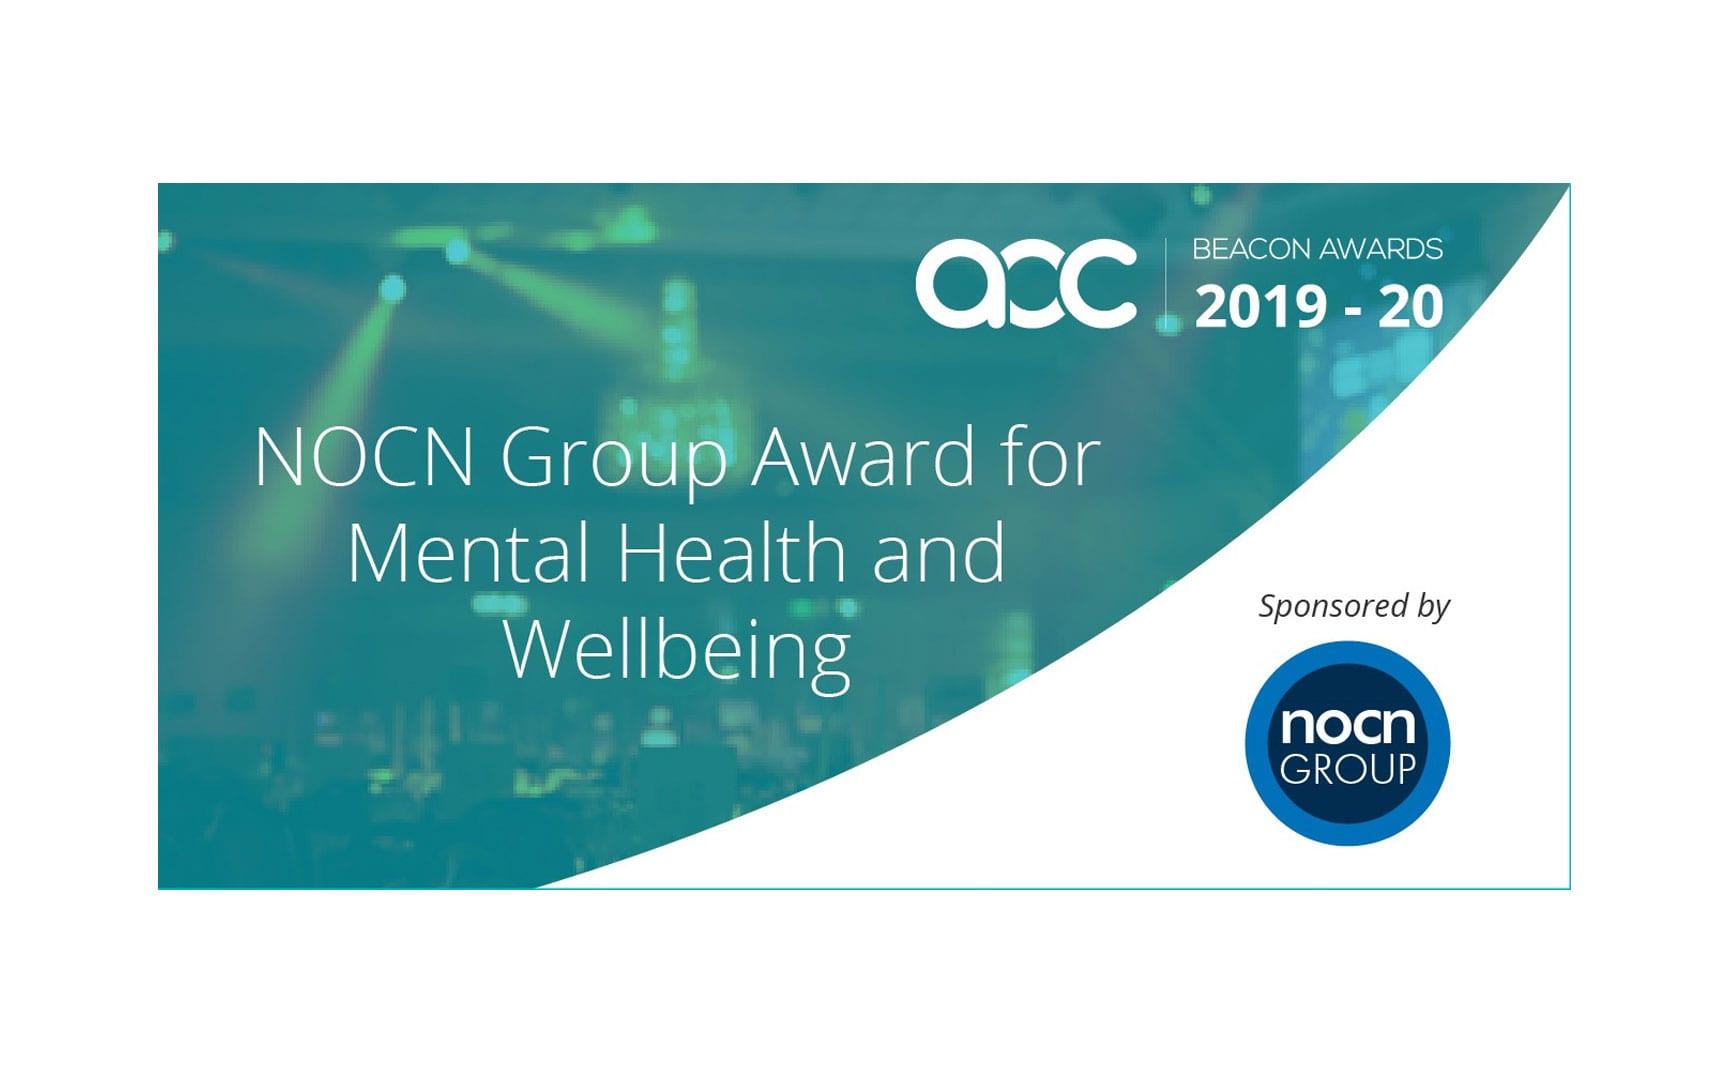 AOC Beacon Award